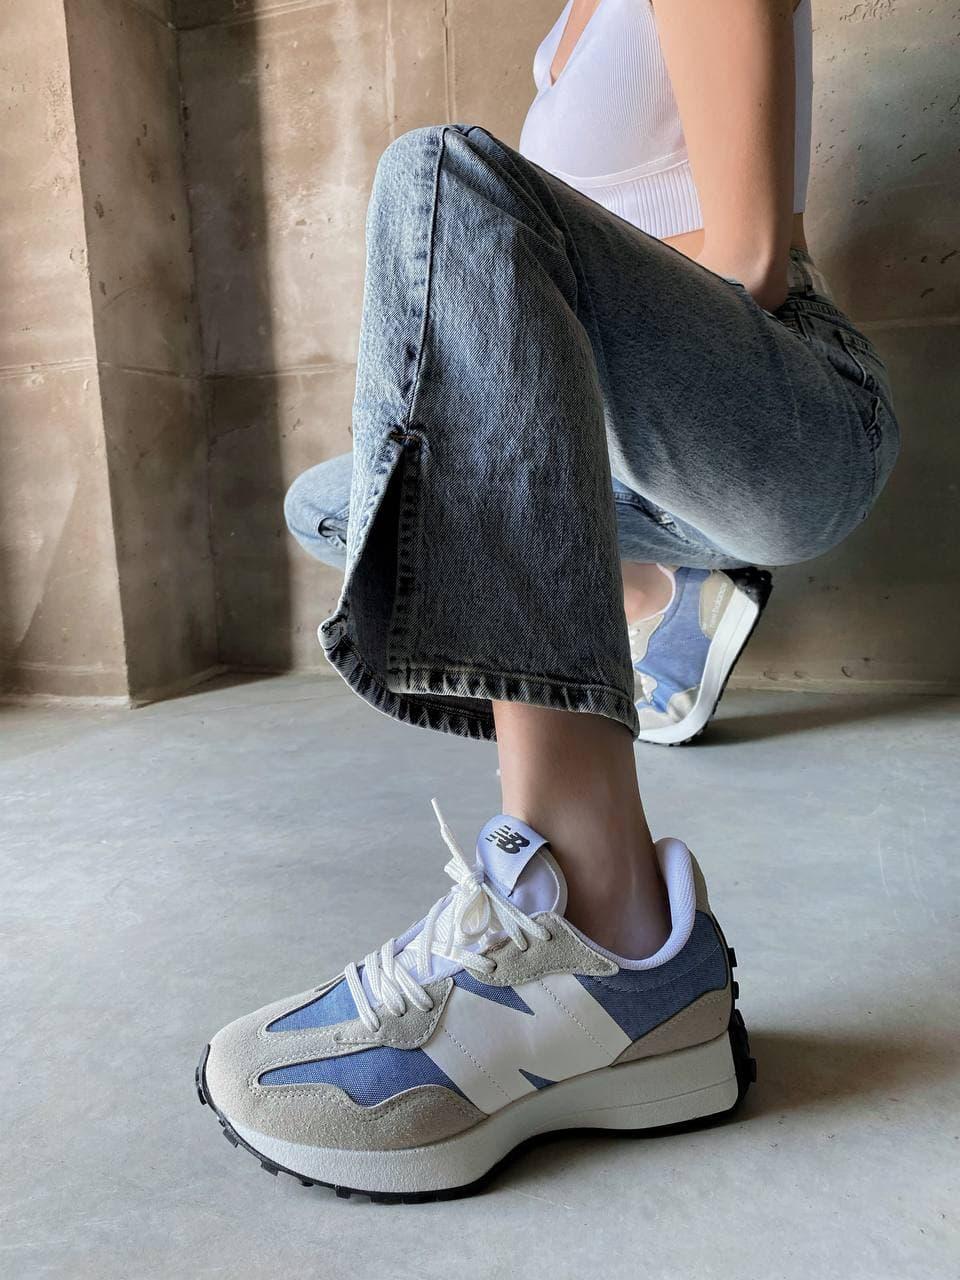 Женские кроссовки New Balance 327 Голубые Замш, Реплика